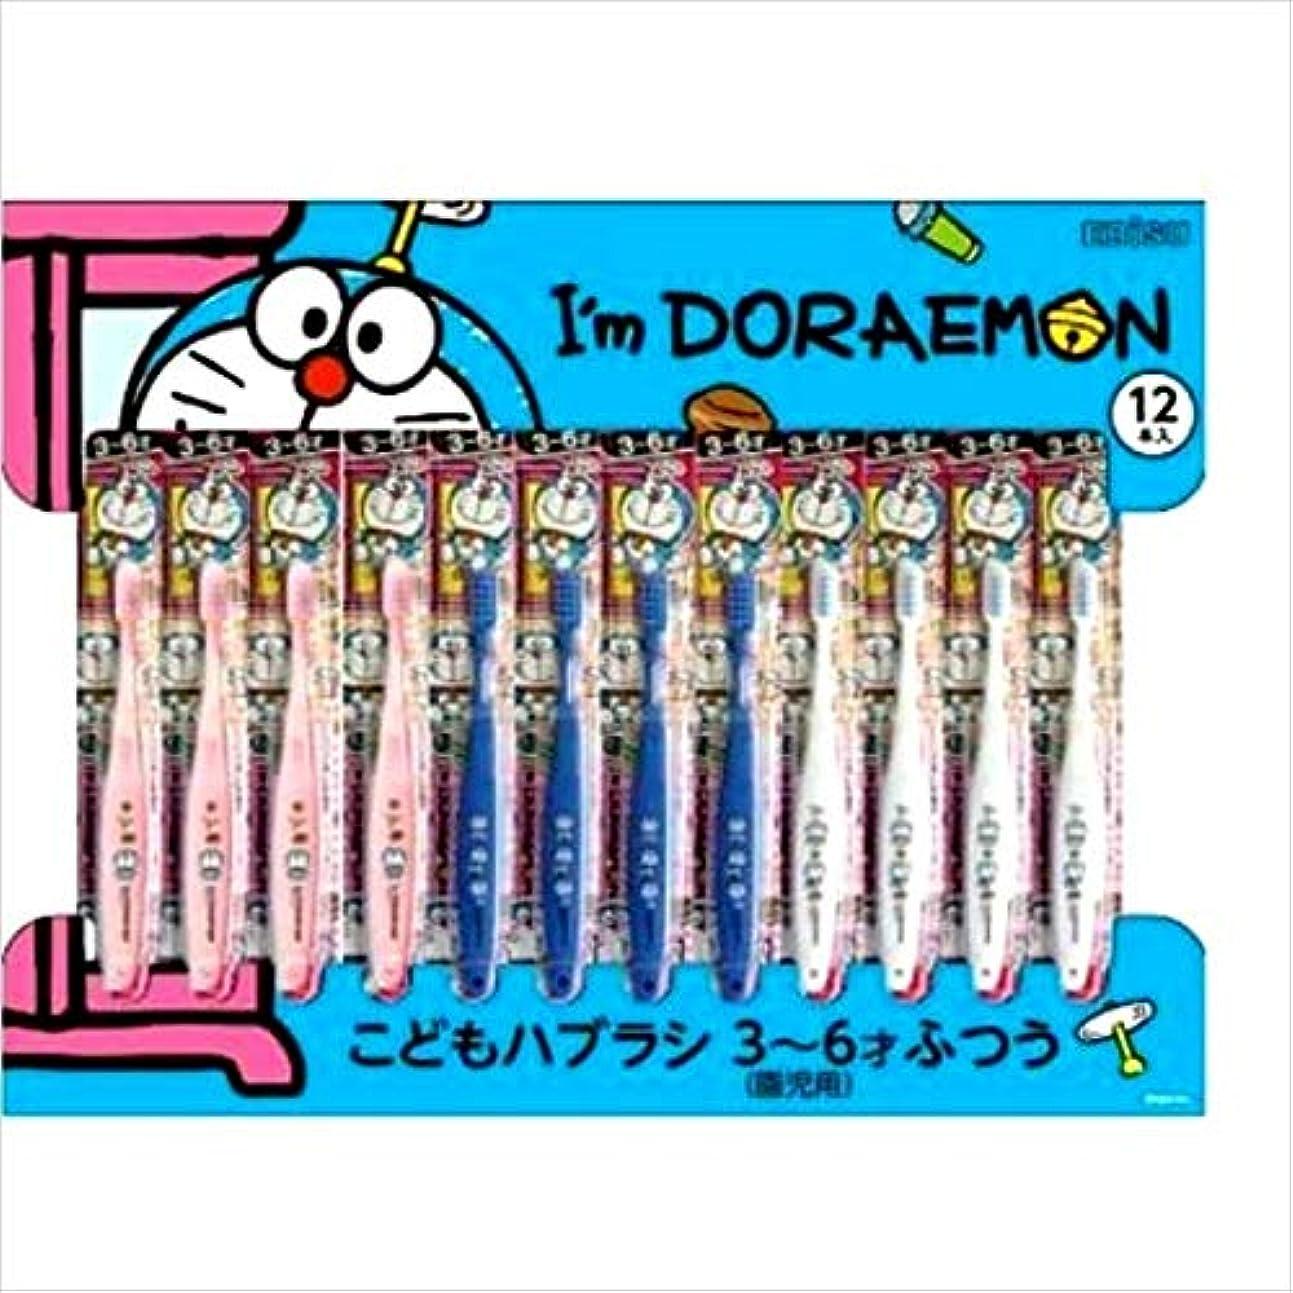 最大チャーム太字I'M DORAEMON 子供用 歯ブラシ 12本入り